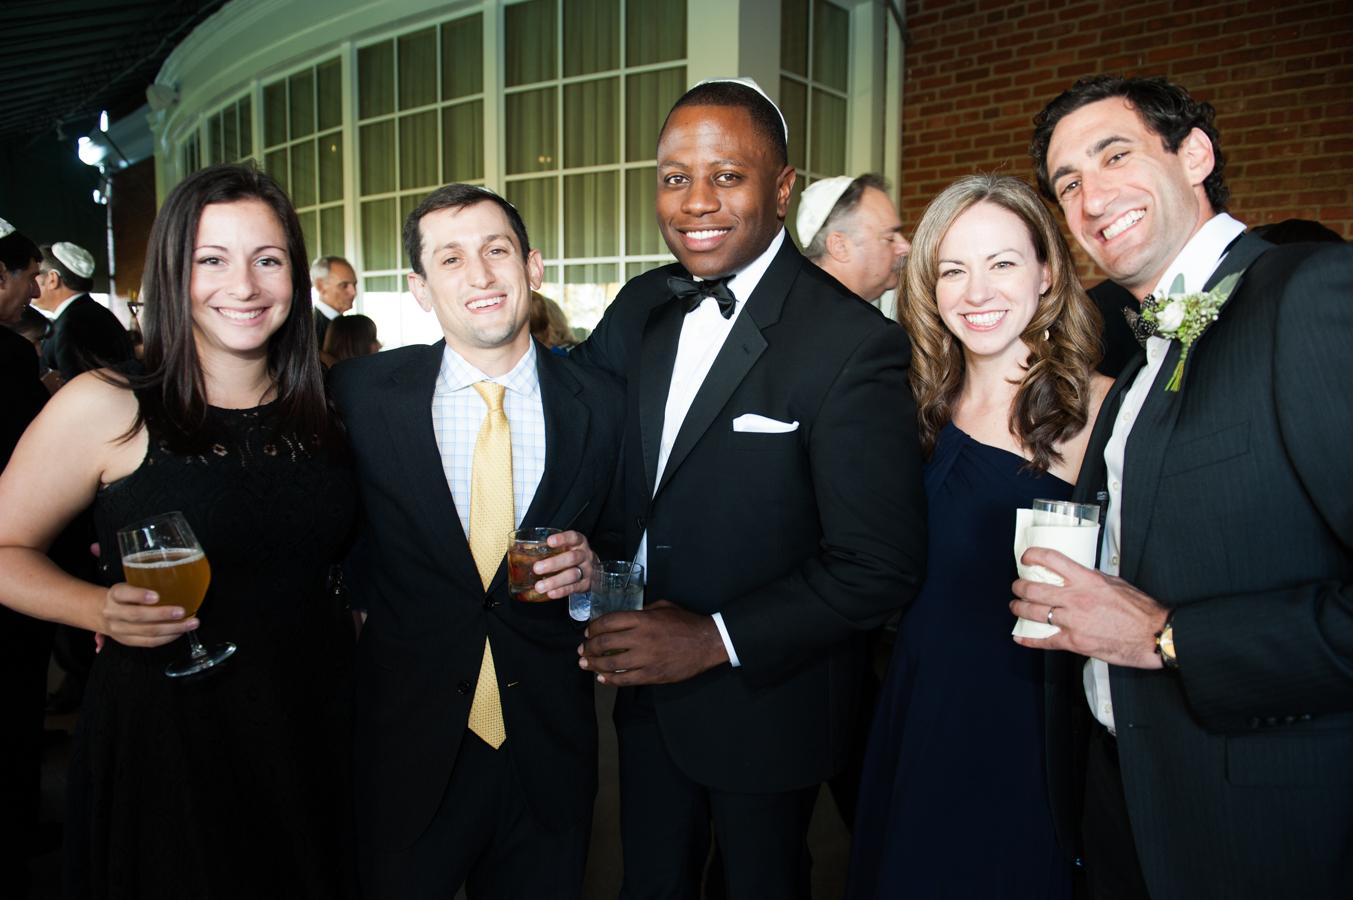 Pittsburgh Field Club Weddings | Elizabeth Craig Photography-145